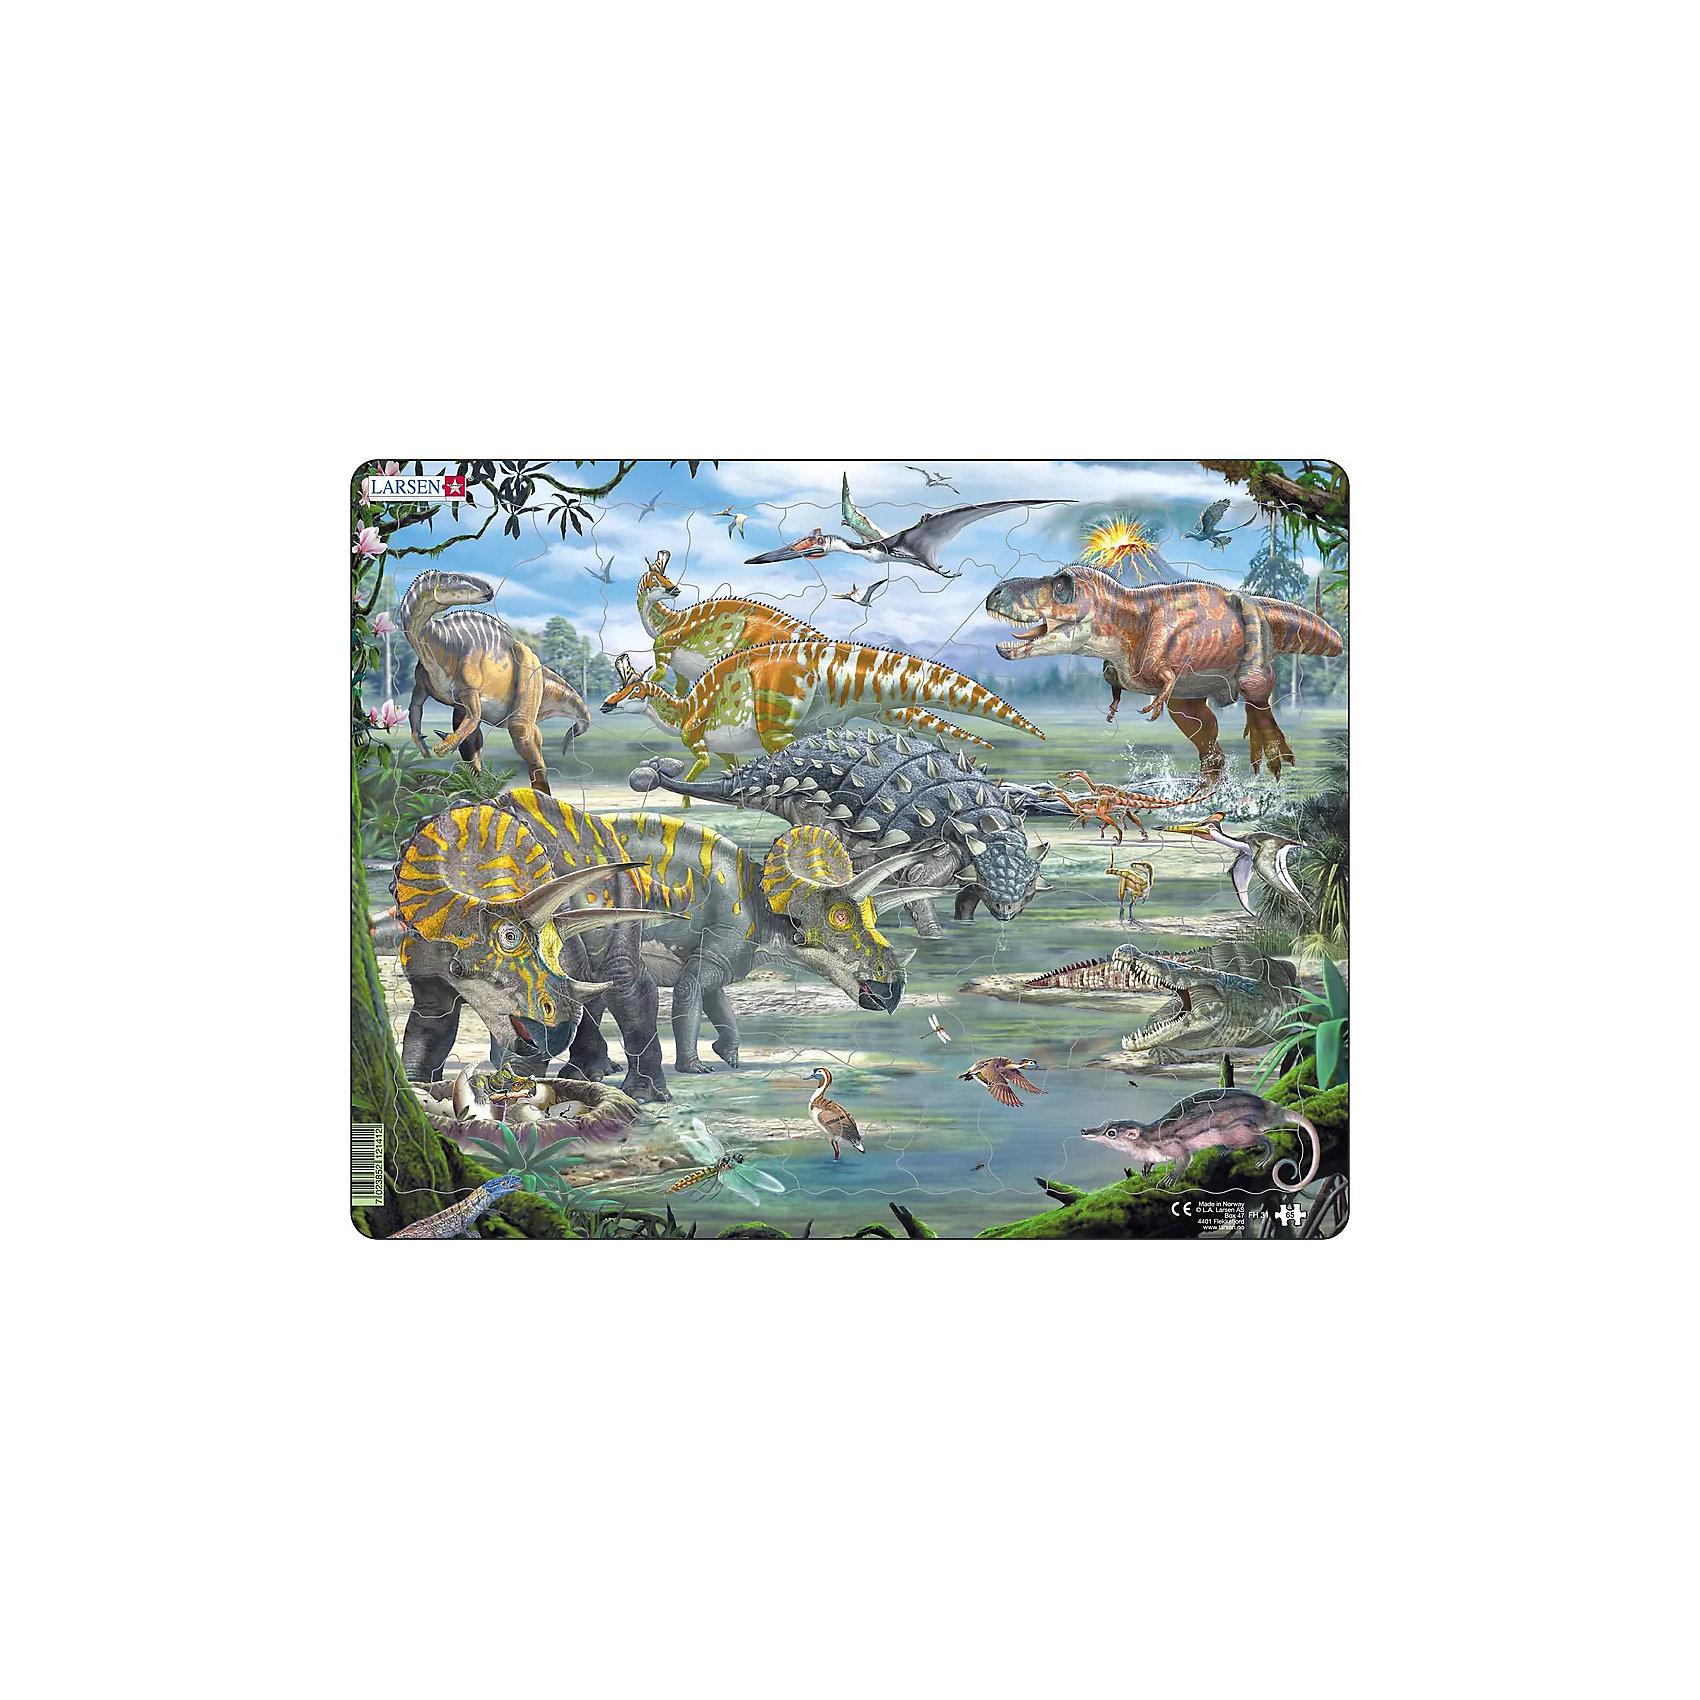 Пазл Динозавры, 65 деталей, LarsenКлассические пазлы<br>Новый пазл Динозавры от компании Larsen придется по вкусу детям, готовящимся к поступлению в школе или учащимся в первом классе! Виды сверху слева направо: Кетцалькоатлус, Микрораптор, Игуанодонт, Ламбеозавр, Тираннозавр Рекс, Трицератопс, Дромеозавр, Анкилозавр, Троодон, Птеродактиль, Крокодил, Ящерица, Вегавис, Стрекоза, Симолестес. Увлекательный пазл от знаменитой норвежской компании позволит детям познакомиться с различными видами динозавров. Пазл выполнен в ярких, красочных цветах, а материалы, из которых он сделан, отличаются высоким качеством и абсолютно безопасны для вашего ребенка. Игра с пазлами развивает мелкую моторику рук, внимание, логическое мышление и творческое воображение. В наборе: 65 элементов пазла.<br><br>Ширина мм: 365<br>Глубина мм: 5<br>Высота мм: 285<br>Вес г: 320<br>Возраст от месяцев: 36<br>Возраст до месяцев: 1188<br>Пол: Унисекс<br>Возраст: Детский<br>Количество деталей: 65<br>SKU: 4761477